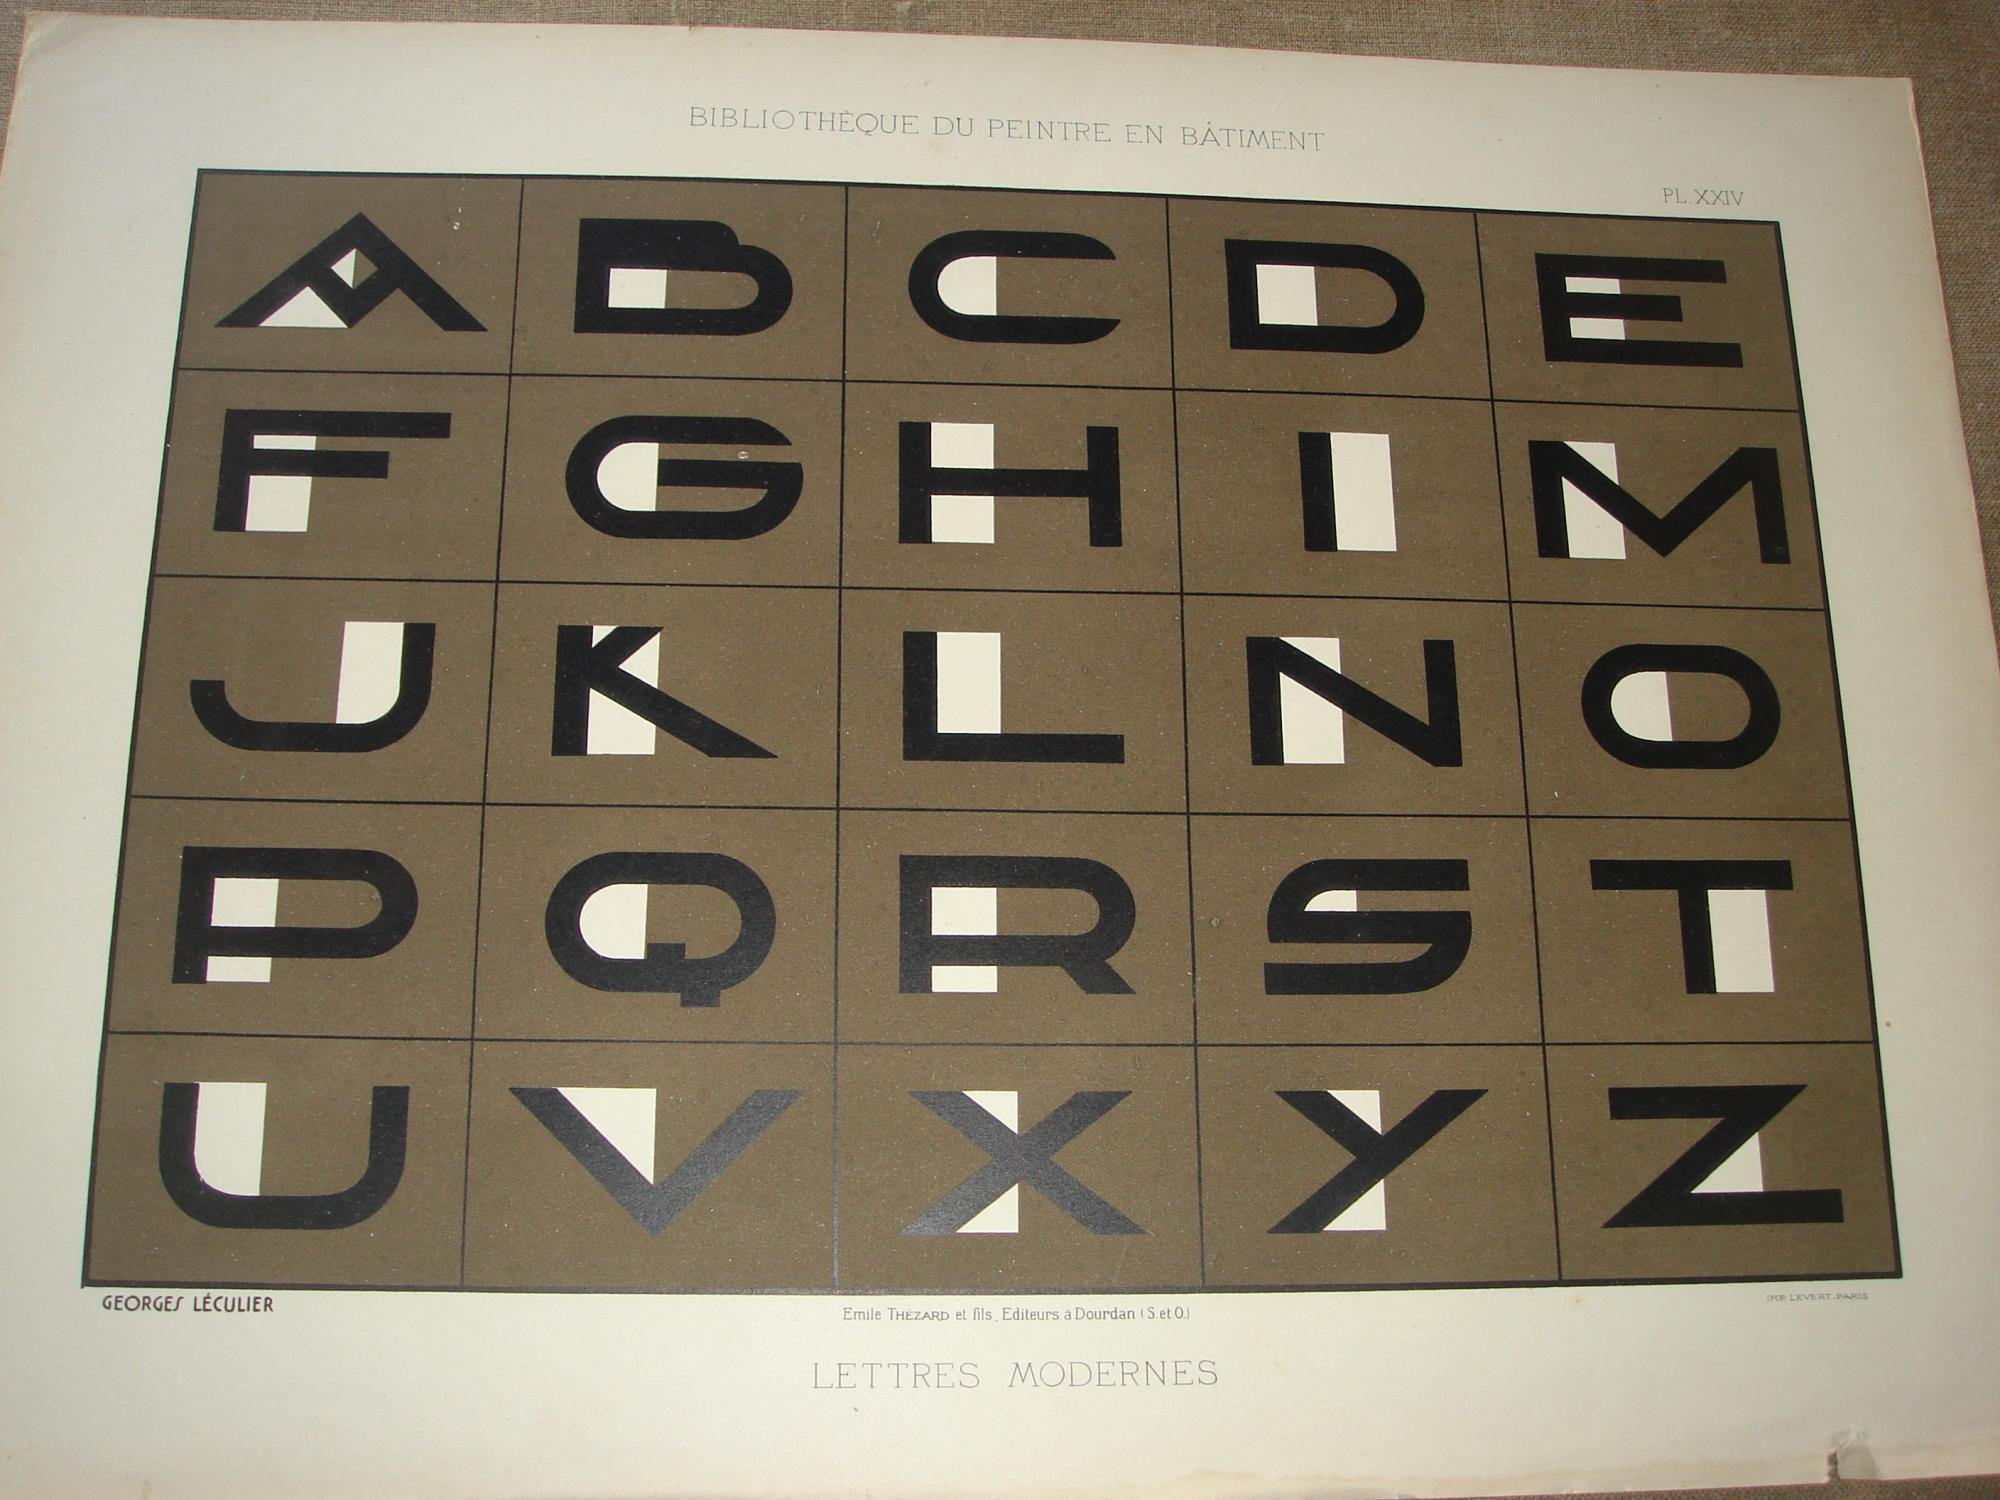 modeles de lettres modernes by george leculier emile thezard et fils hardcover 1st edition